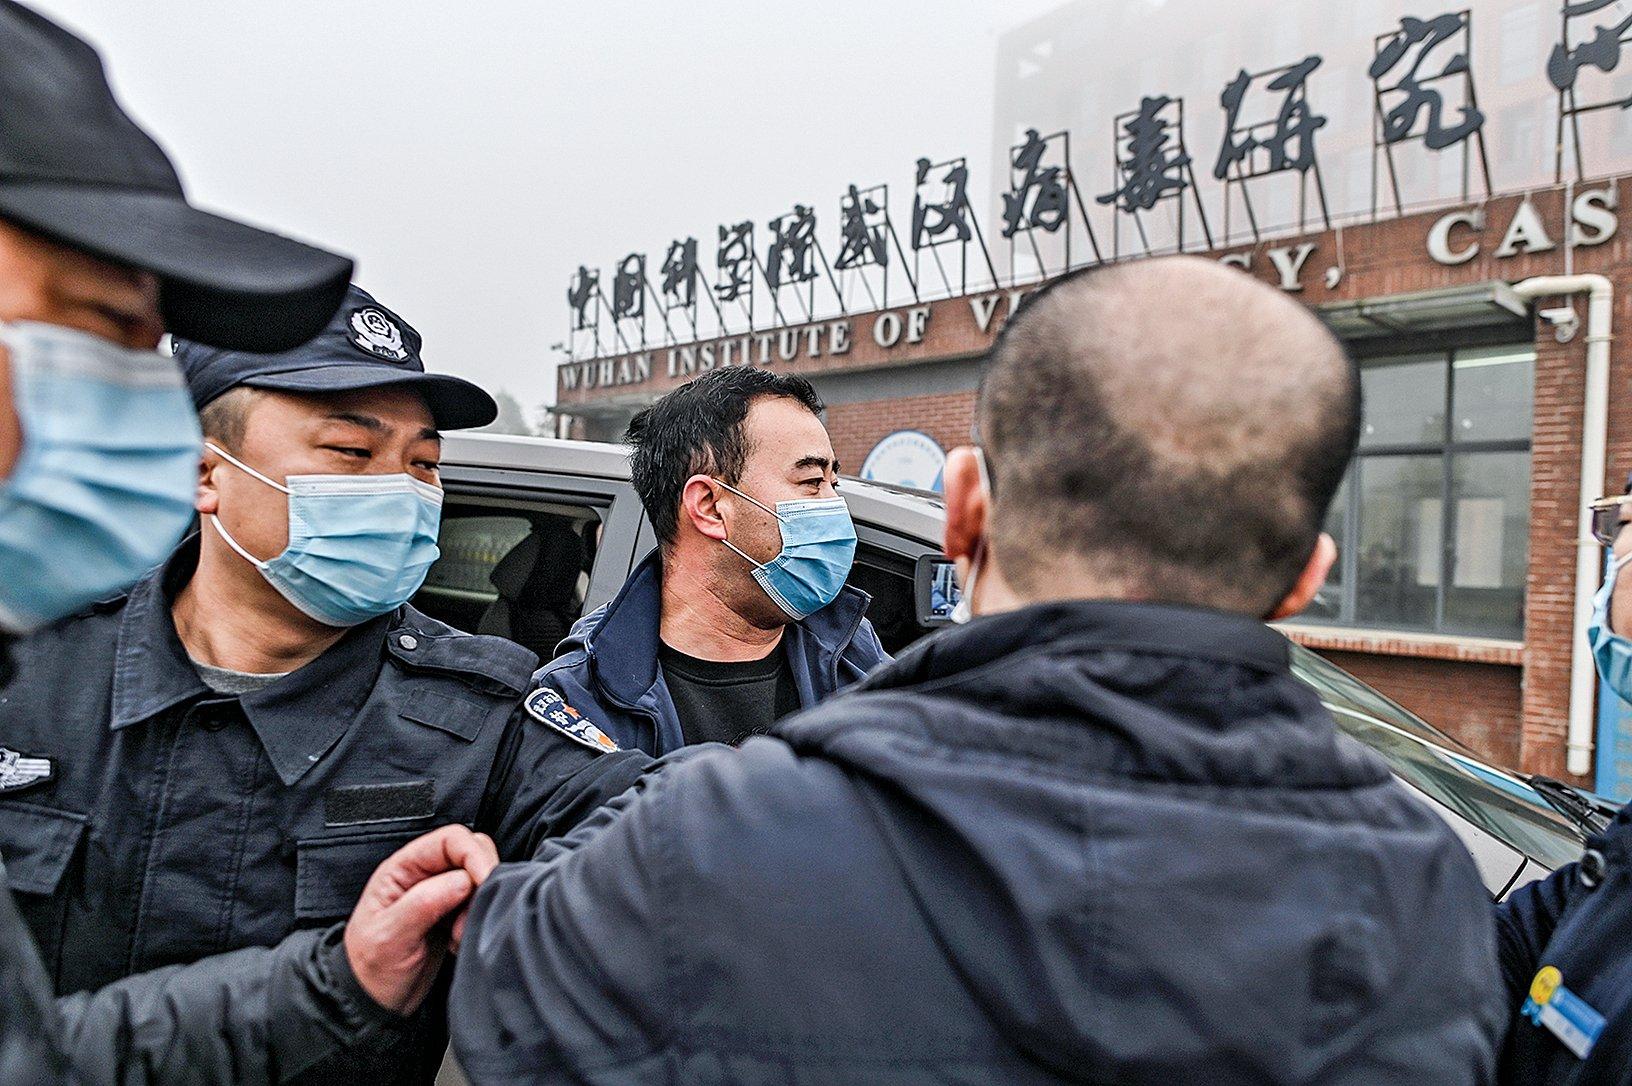 2021 年2 月3 日,世衛專家小組到達武漢病毒研究所,大門前部署了嚴密的警力把守。(Hector Retamal/AFP via Getty Images)